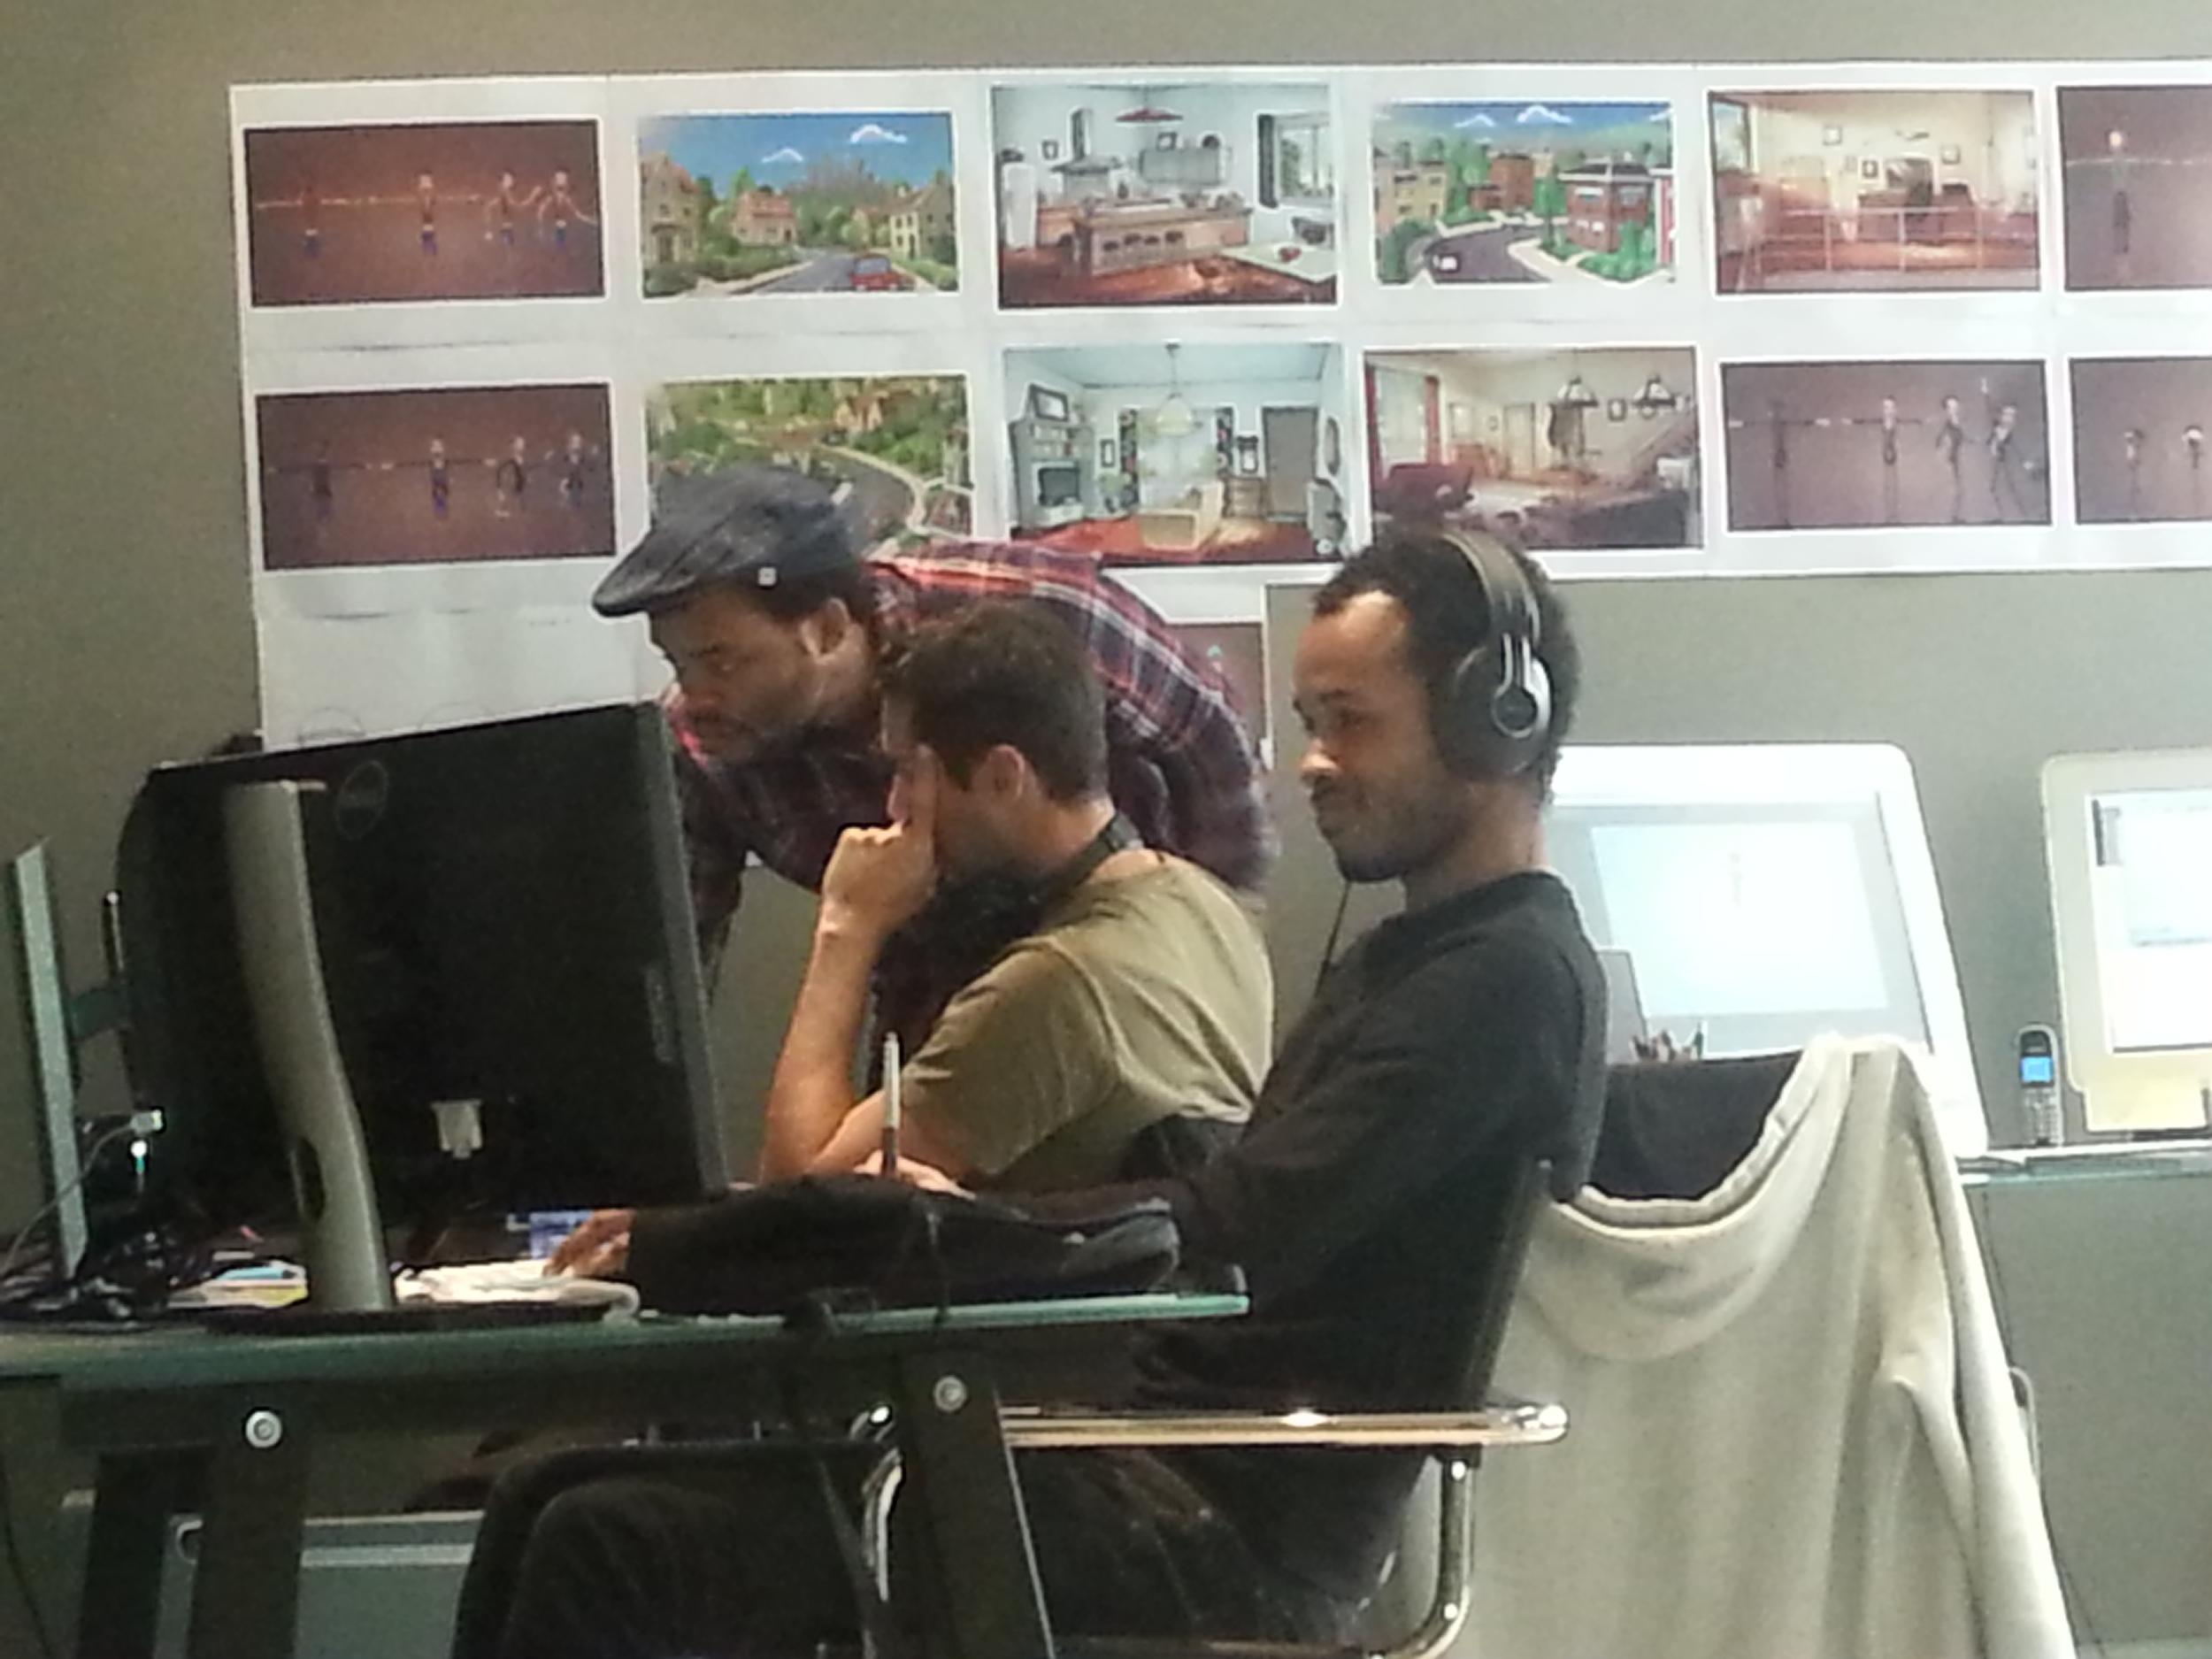 @lephotograhenestpastresbon  Une partie de l'équipe en plein travail.